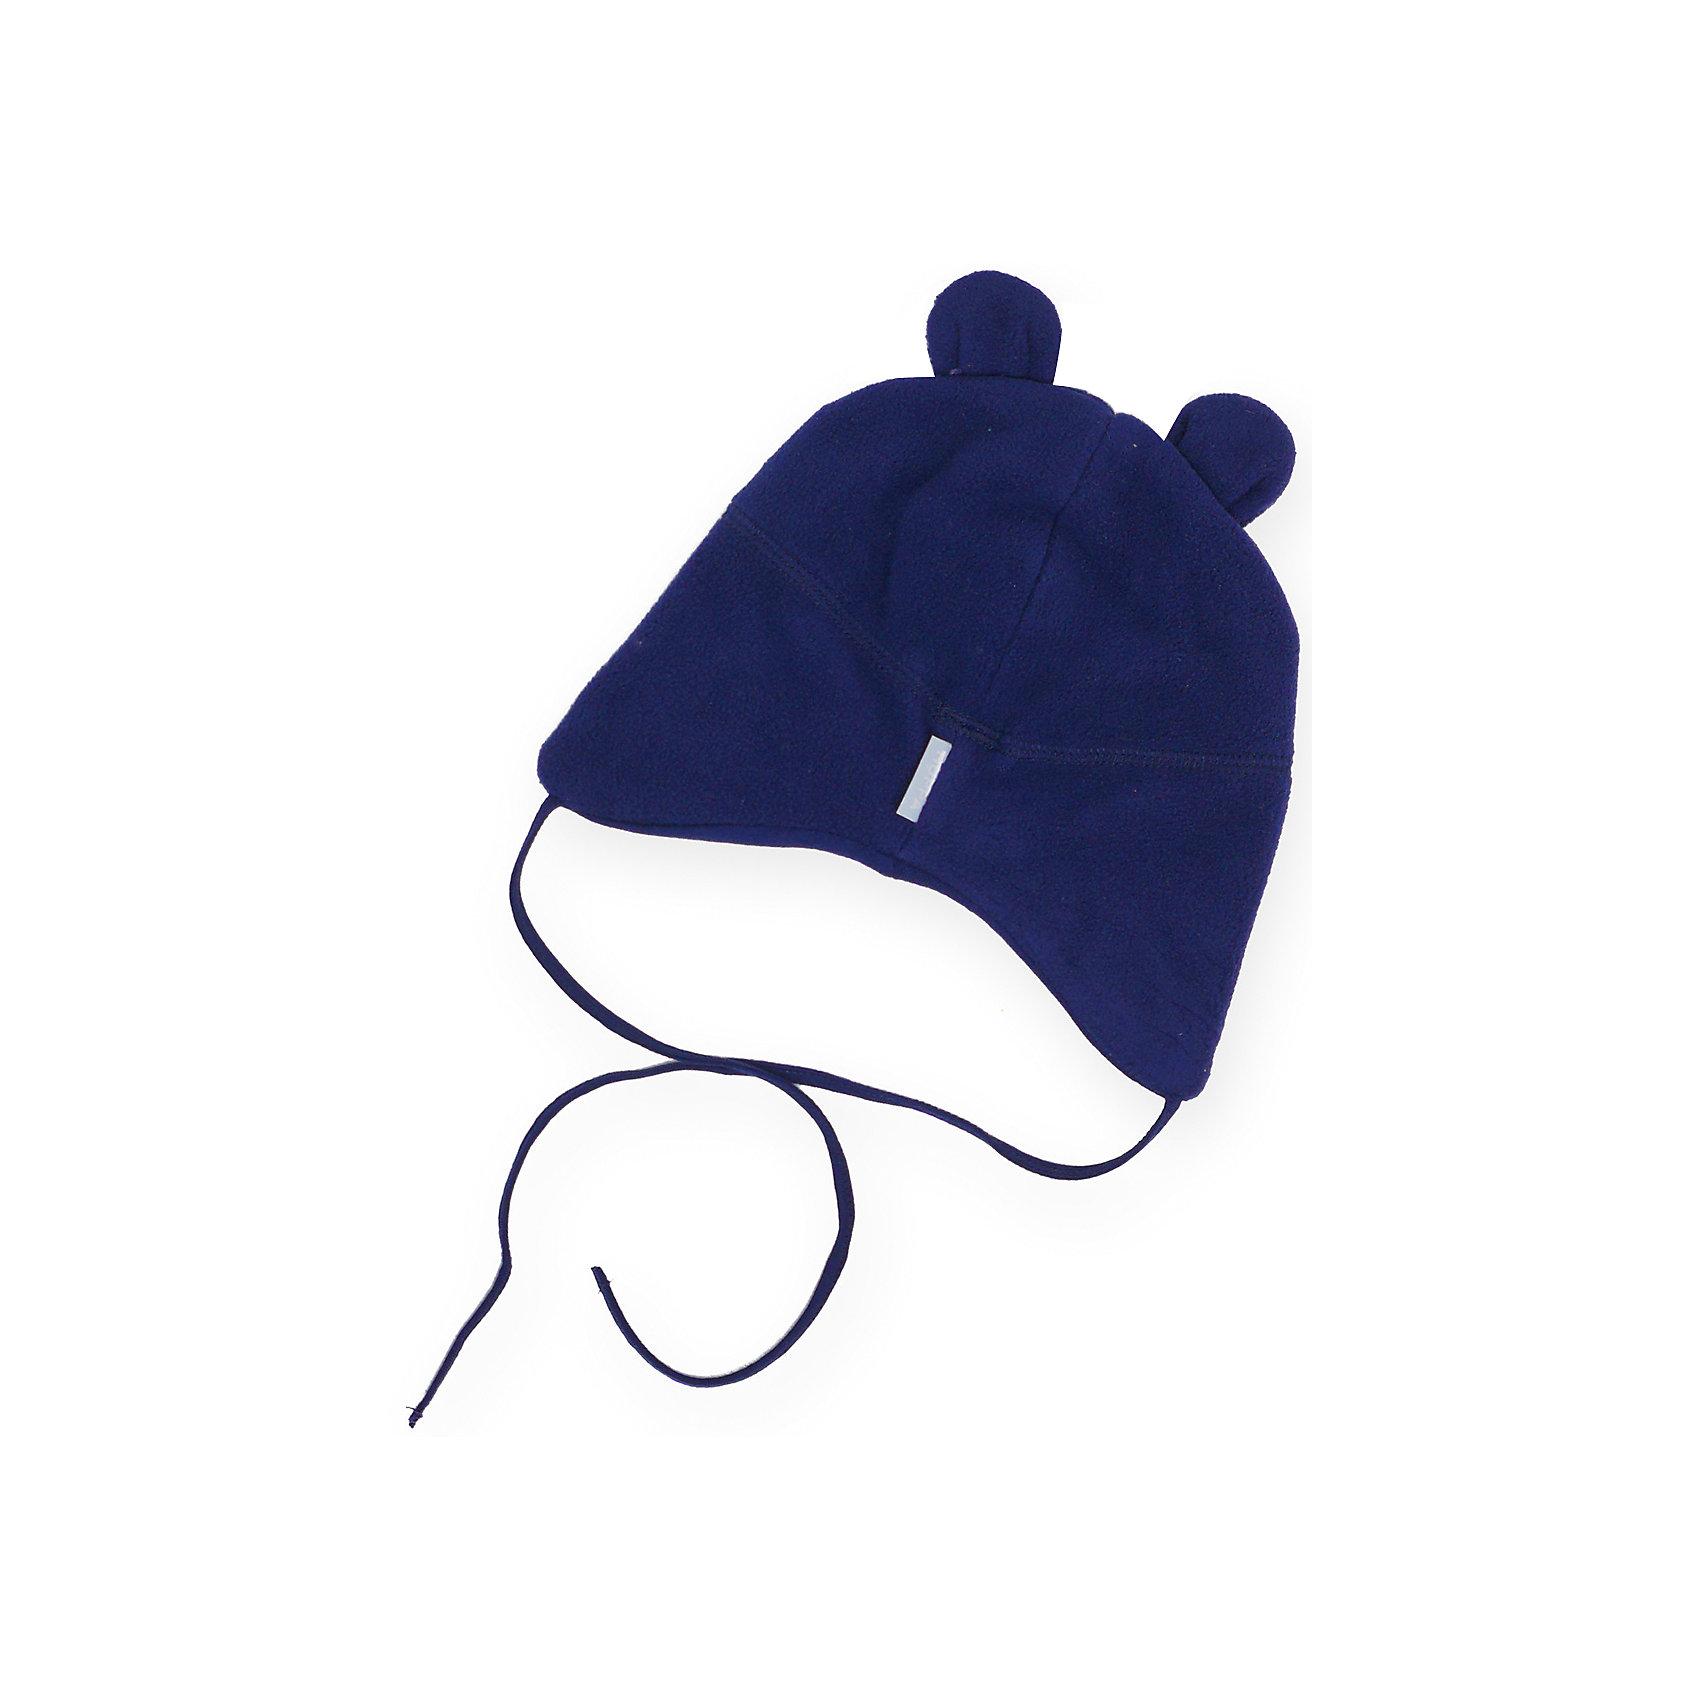 Шапка Winnie для мальчика HuppaШапочки<br>Характеристики товара:<br><br>• цвет: синий<br>• состав: 100% полиэстер (флис), подкладка - 100% хлопок<br>• температурный режим: от 0°С до +10°С<br>• завязки<br>• ушки<br>• можно надевать под капюшон<br>• декорирована вышивкой с логотипом<br>• комфортная посадка<br>• мягкий материал<br>• страна бренда: Эстония<br><br>Эта шапка обеспечит малышам тепло и комфорт. Она сделана из приятного на ощупь материала с мягким ворсом, поэтому изделие не колется и не натирает. Подкладка выполнена из дышащего и гипоаллергенного хлопка. Шапка очень симпатично смотрится, а дизайн и отделка добавляют ей оригинальности. Модель была разработана специально для малышей.<br><br>Одежда и обувь от популярного эстонского бренда Huppa - отличный вариант одеть ребенка можно и комфортно. Вещи, выпускаемые компанией, качественные, продуманные и очень удобные. Для производства изделий используются только безопасные для детей материалы. Продукция от Huppa порадует и детей, и их родителей!<br><br>Шапку для мальчика от бренда Huppa (Хуппа) можно купить в нашем интернет-магазине.<br><br>Ширина мм: 89<br>Глубина мм: 117<br>Высота мм: 44<br>Вес г: 155<br>Цвет: синий<br>Возраст от месяцев: 6<br>Возраст до месяцев: 12<br>Пол: Мужской<br>Возраст: Детский<br>Размер: 43-45,39-43,47-49<br>SKU: 4041694